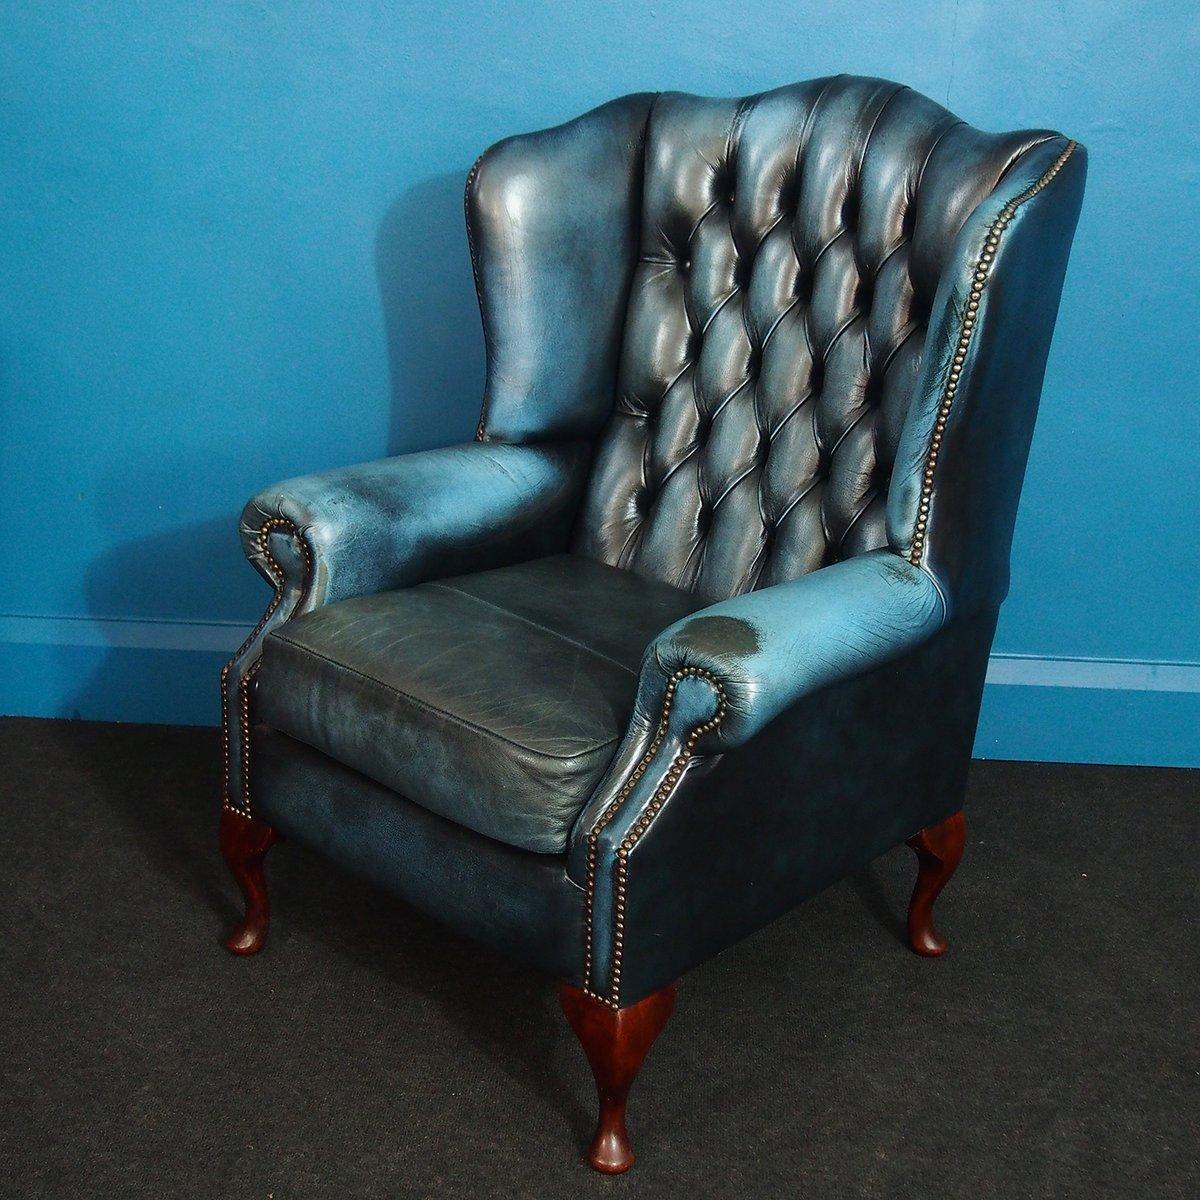 britischer vintage queen anne chesterfield sessel mit fu hocker bei pamono kaufen. Black Bedroom Furniture Sets. Home Design Ideas